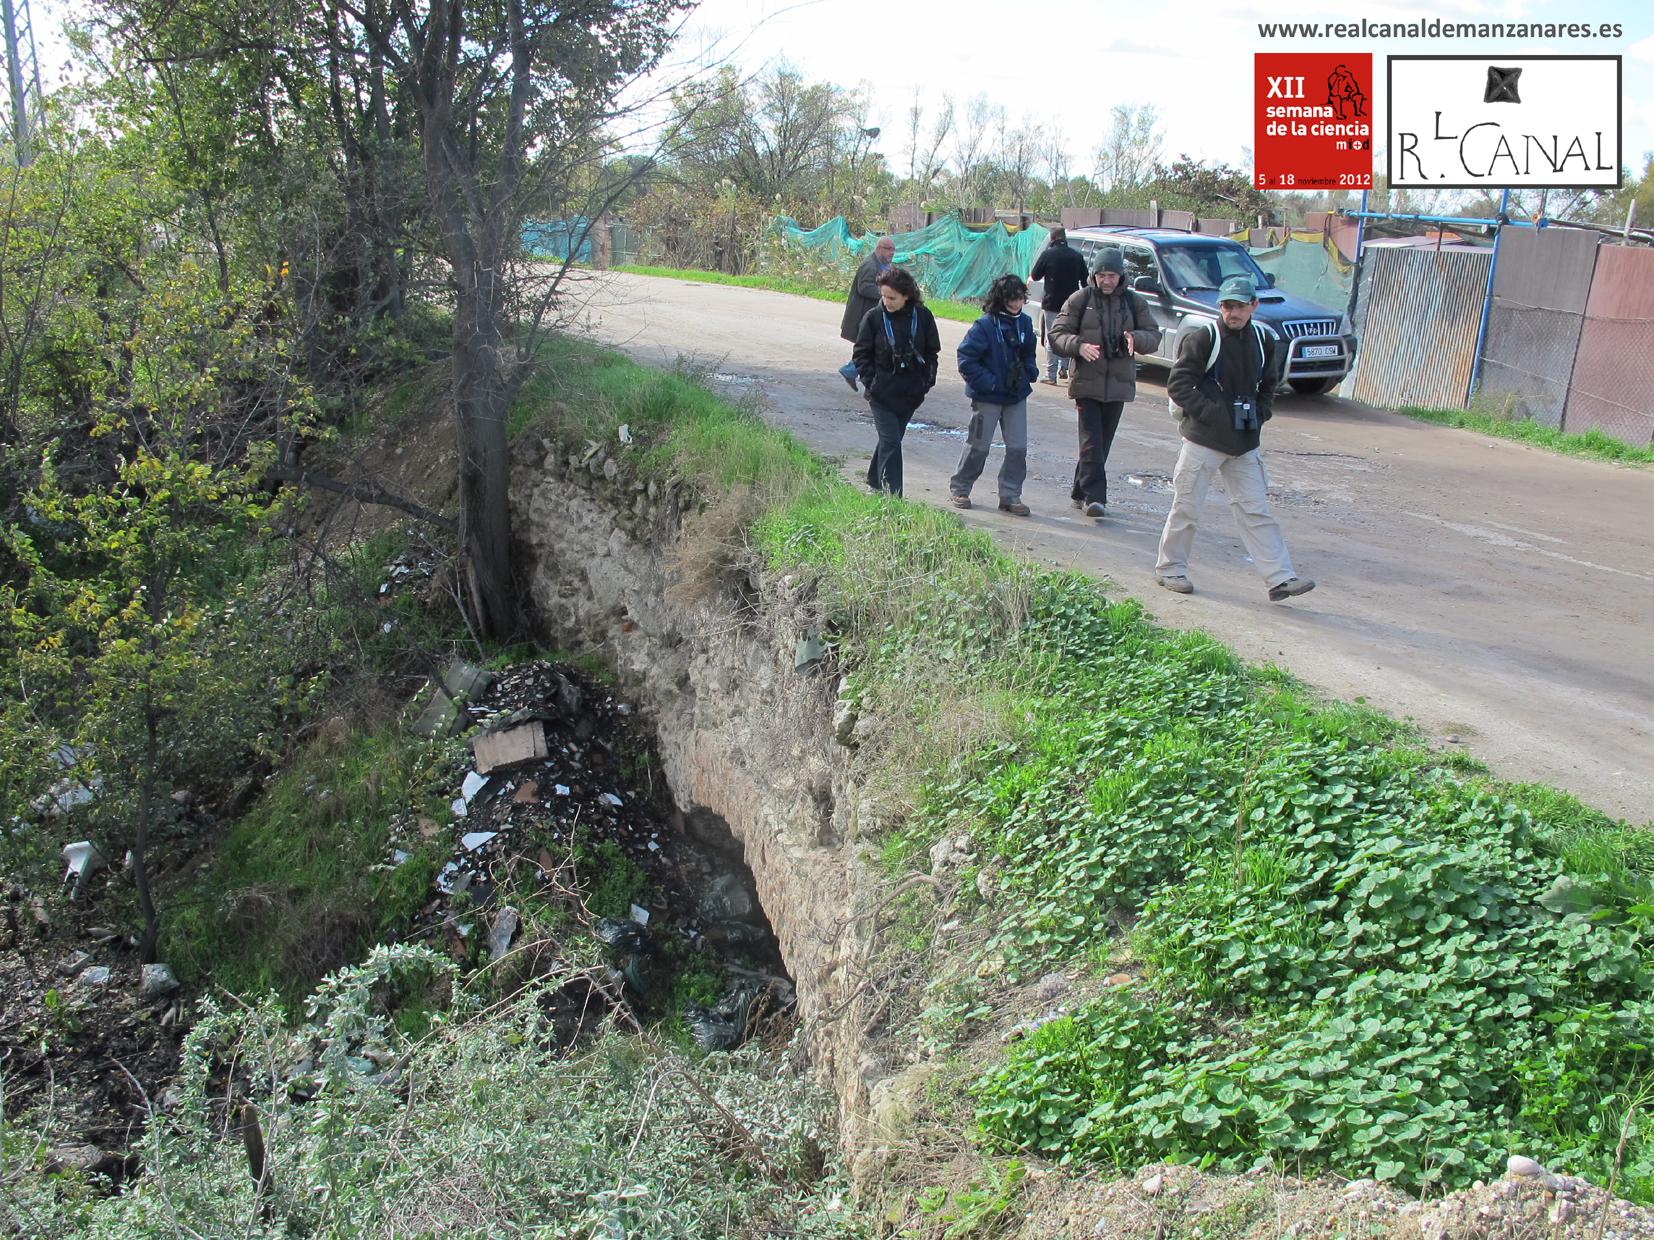 Los últimos rezagados atraviesan la Octava Esclusa por el puente. 11 de Noviembre de 2012